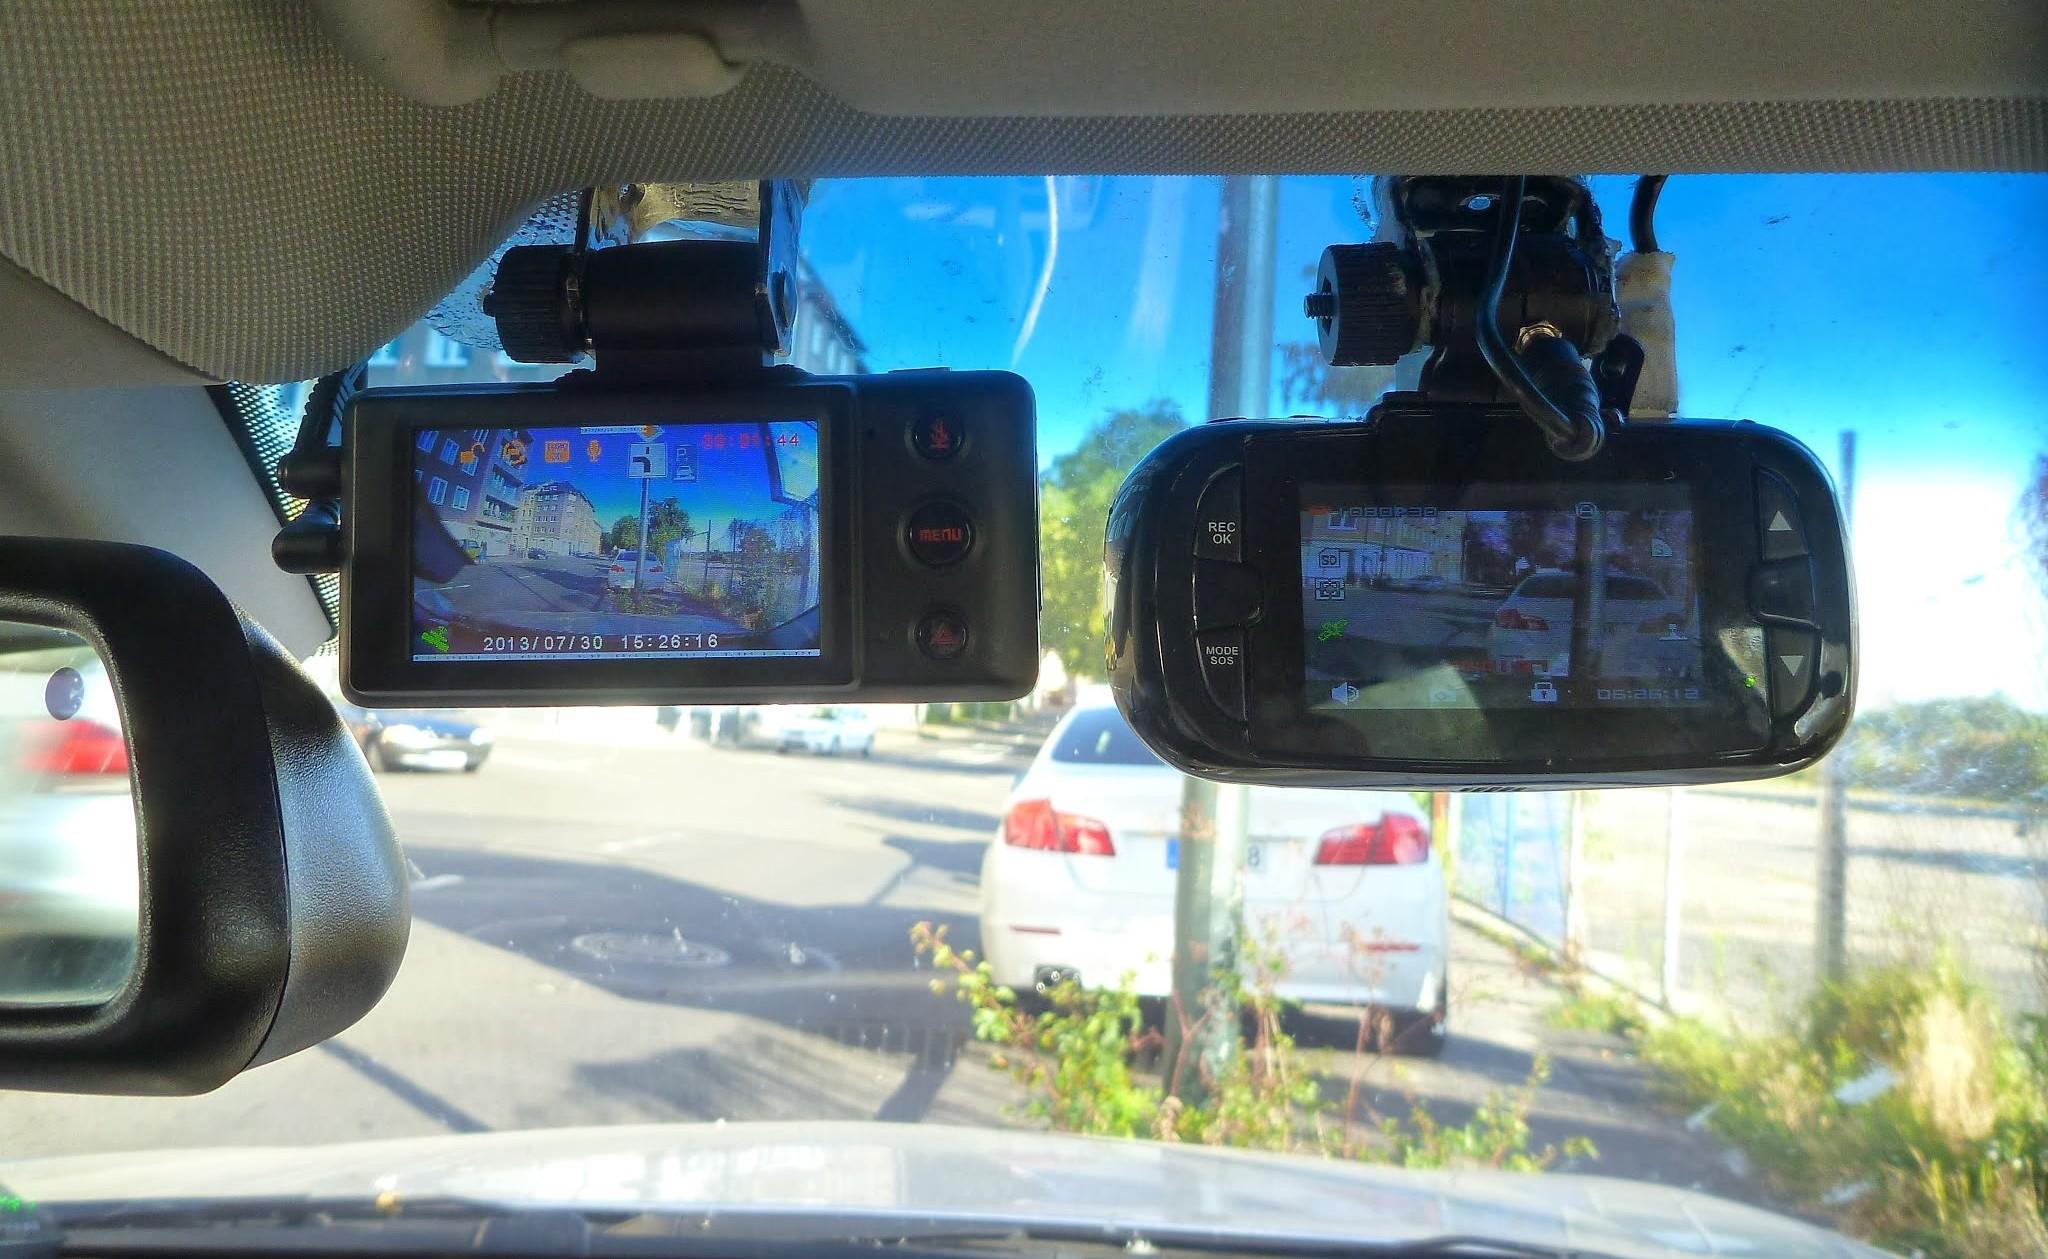 Dashcams autocamera's